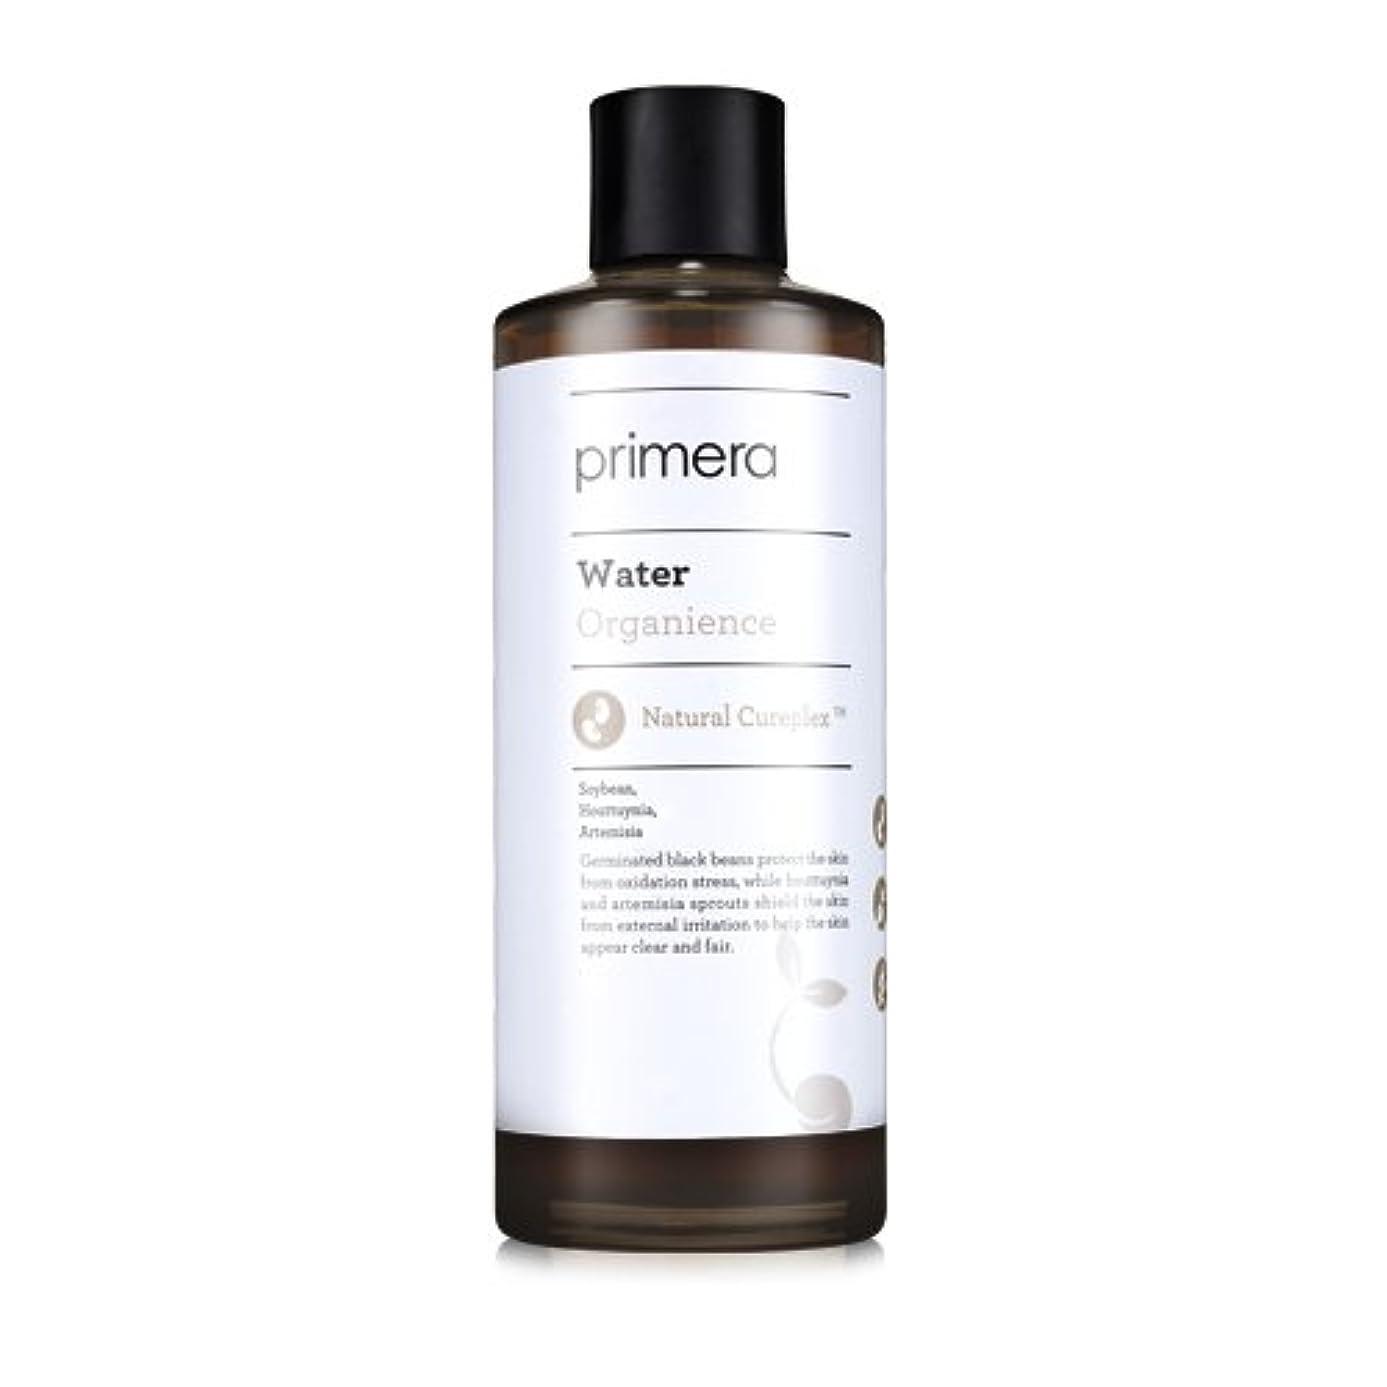 境界不完全追加するPRIMERA プリメラ オーガニエンス ウォーター(Organience Water)化粧水 180ml